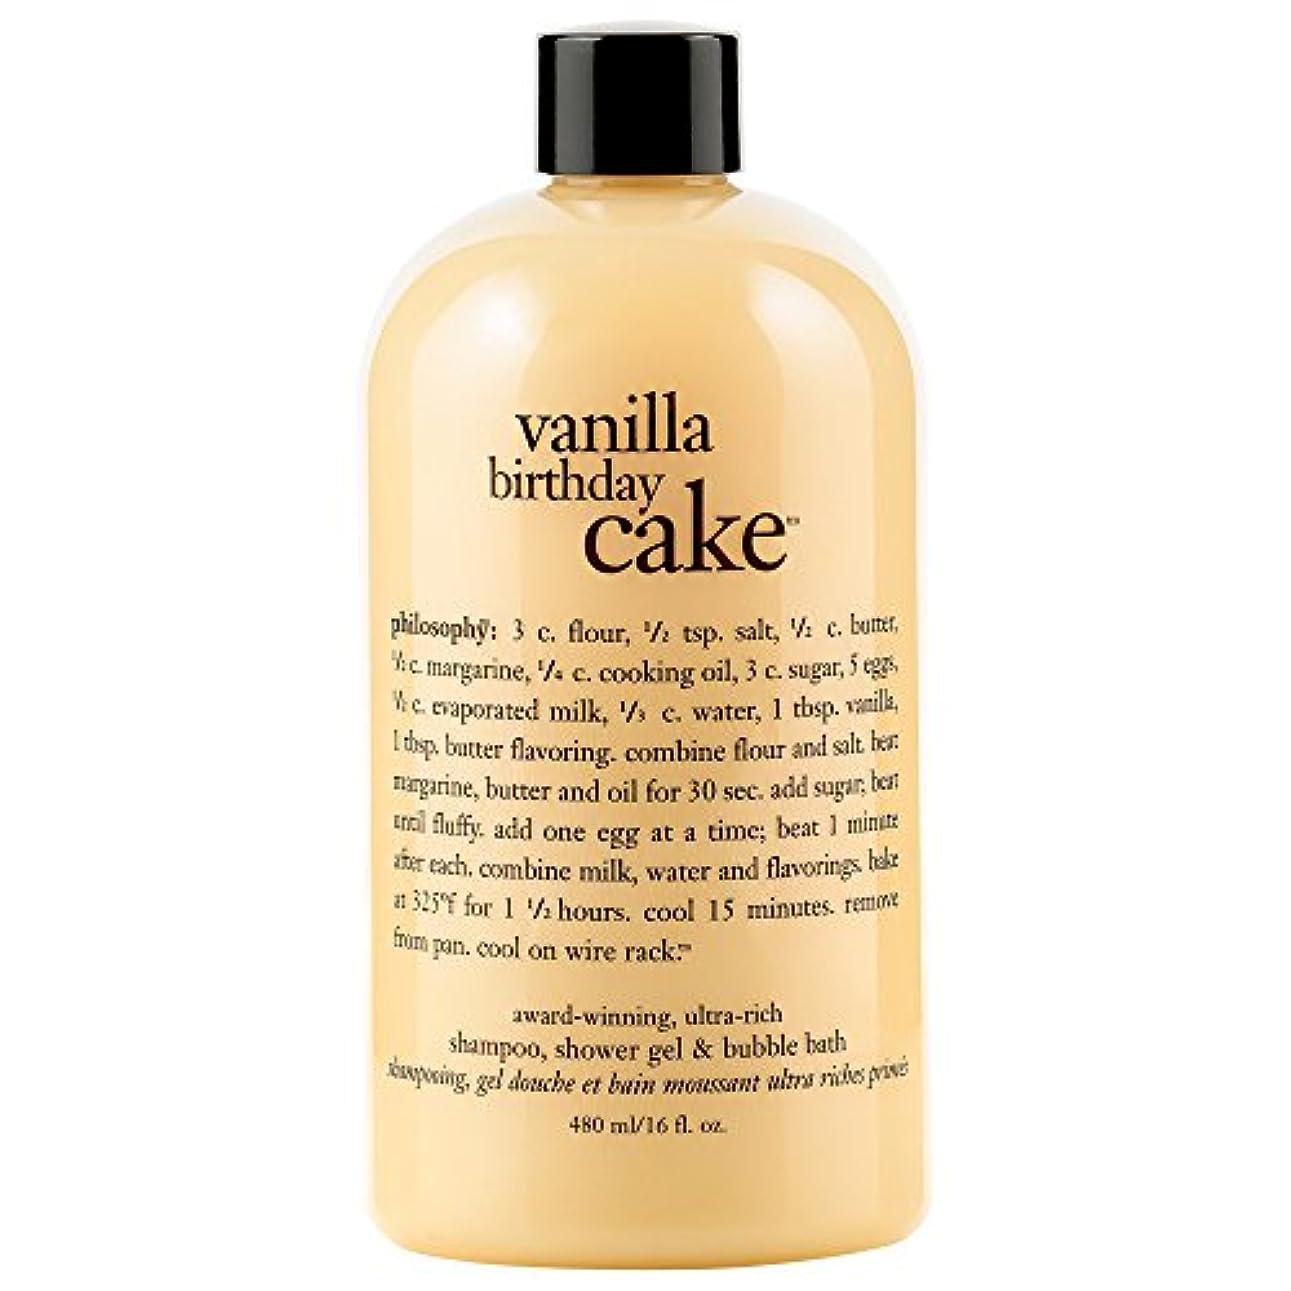 富豪資源説得力のある哲学バニラバースデーケーキシャンプー/シャワージェル/バブルバス480ミリリットル (Philosophy) (x2) - Philosophy Vanilla Birthday Cake Shampoo/Shower...